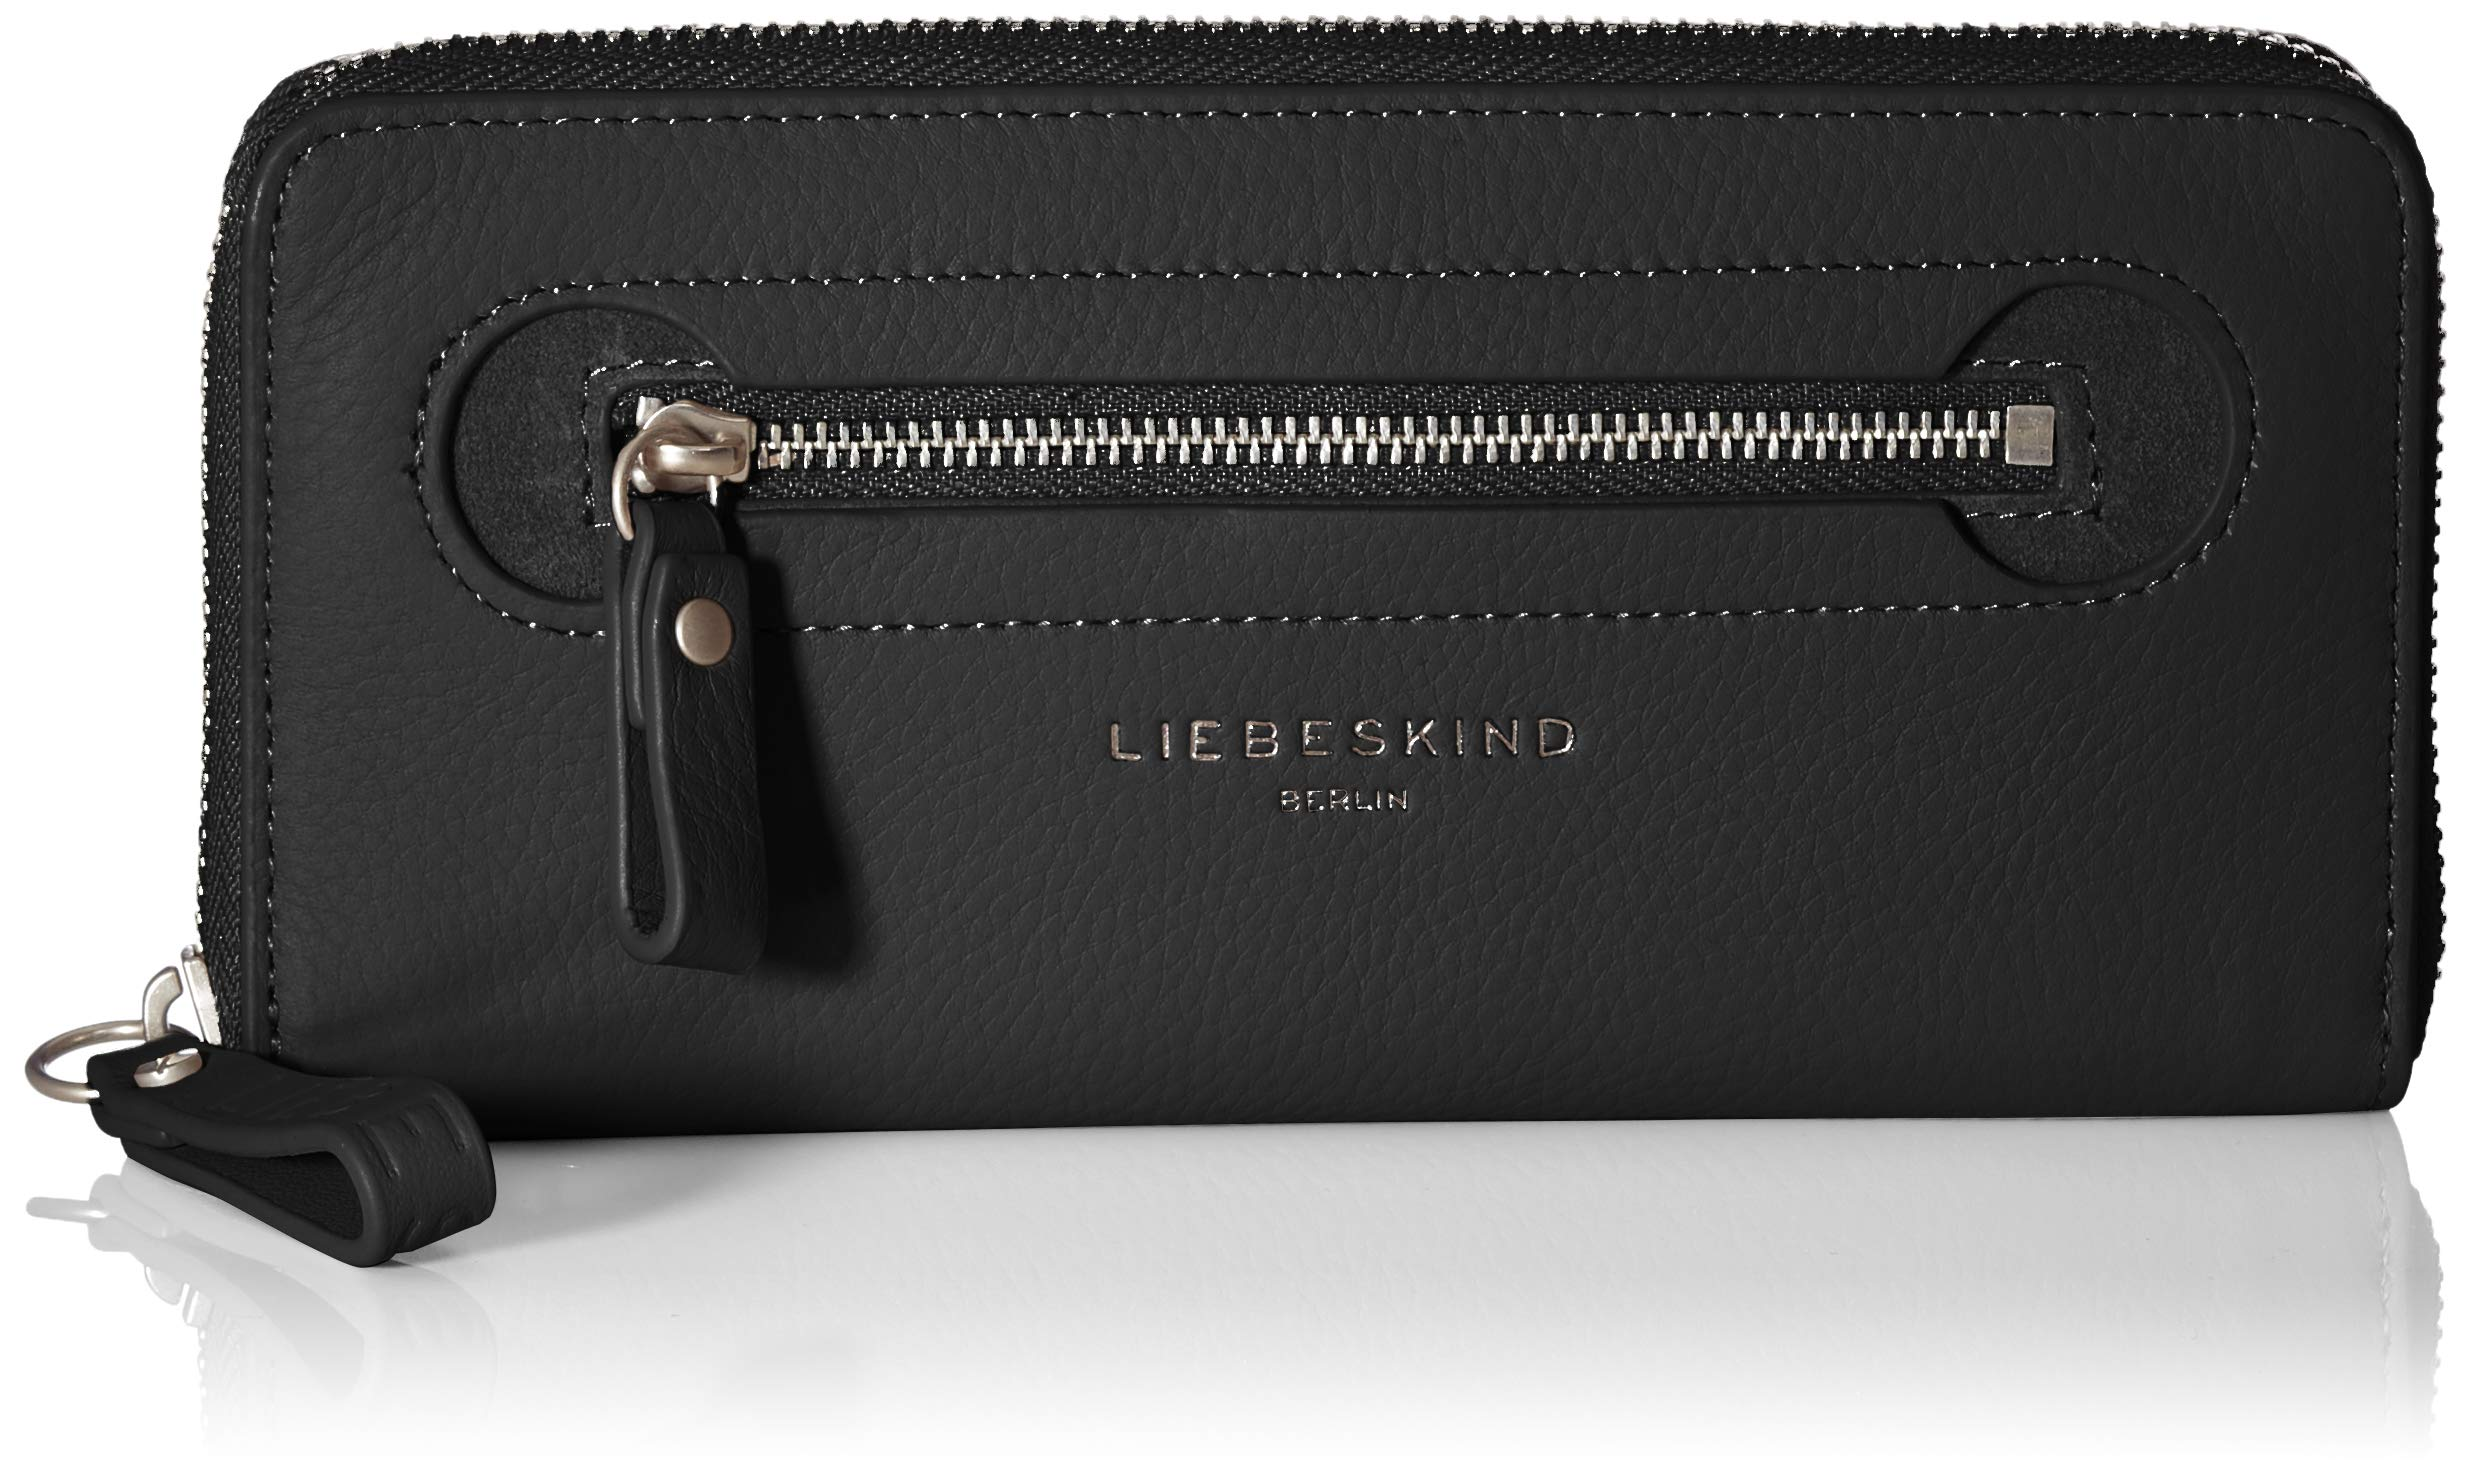 2Gigi T X Mini Berlin Wallet Liebeskind Centimetersb Daily Largefemmeportefeuillesnoirblack2x10x19 H ynOm8vN0wP